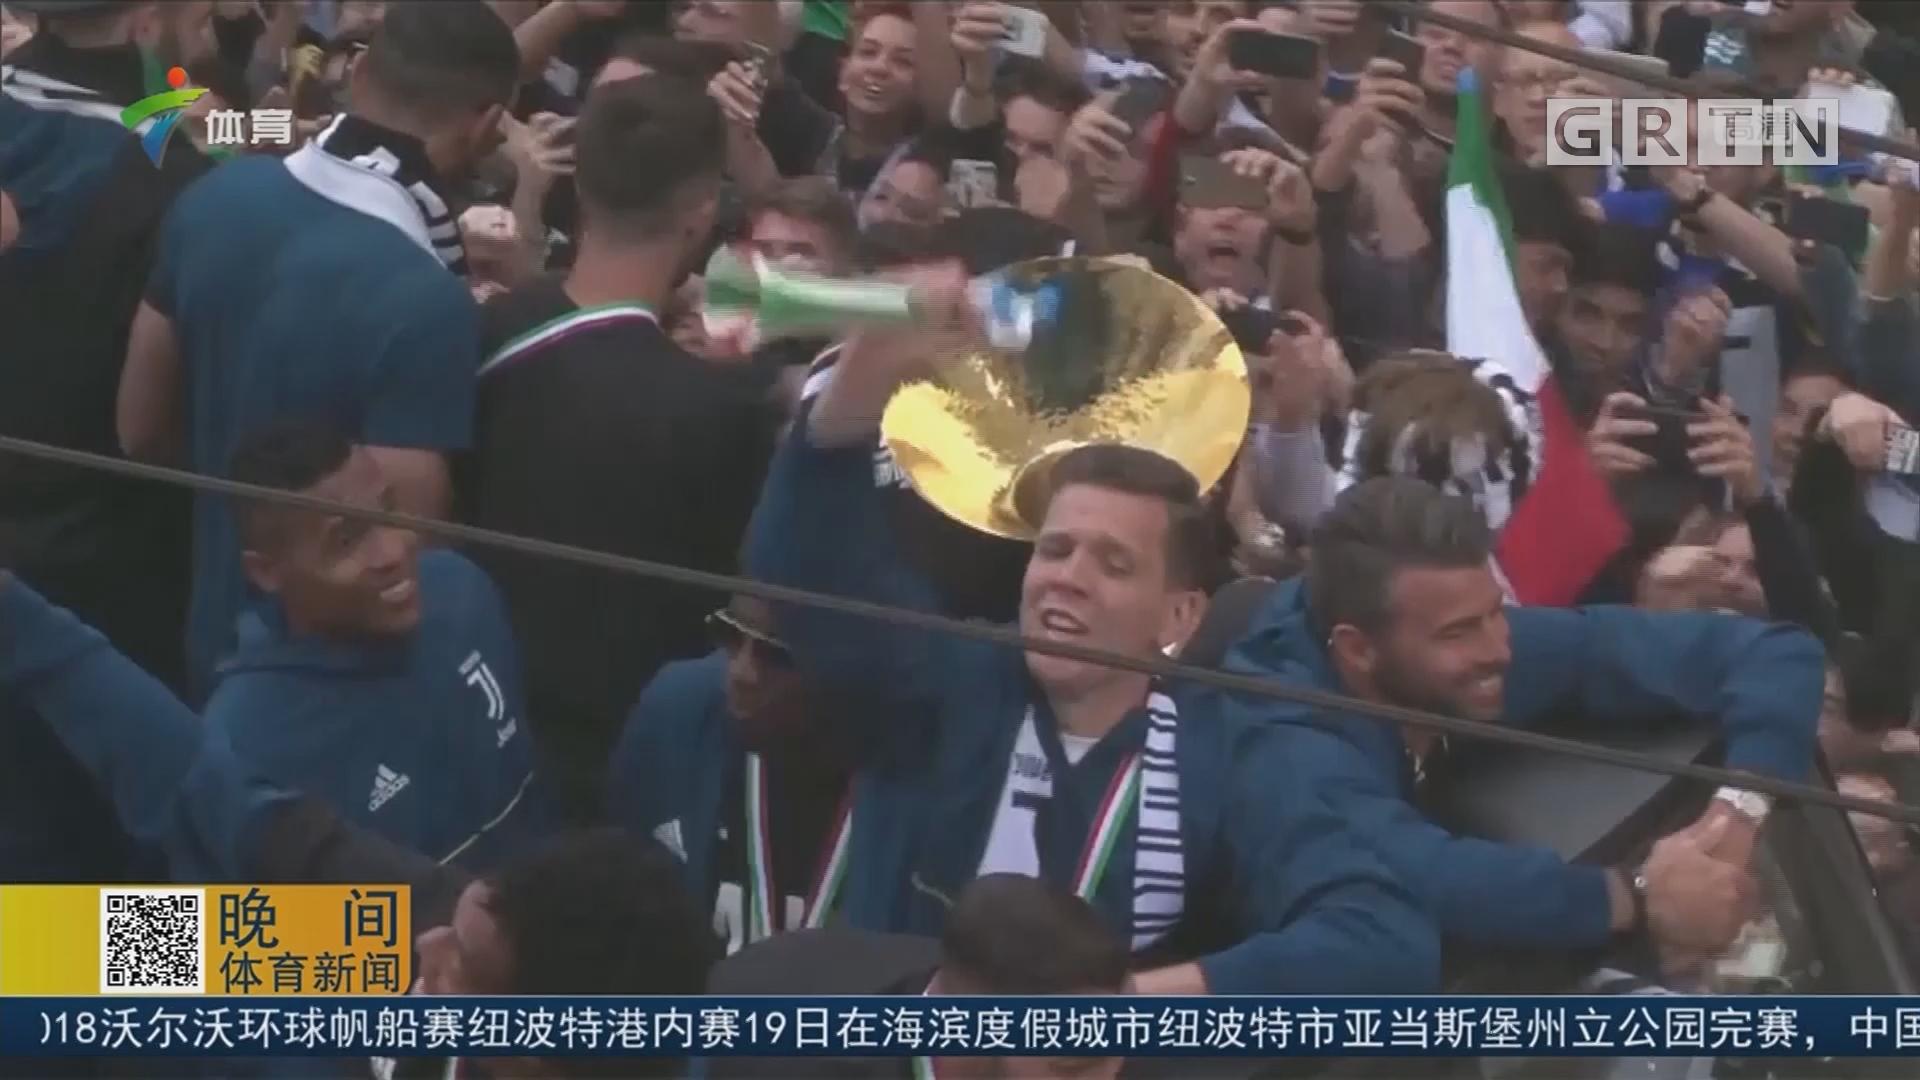 尤文图斯夺冠巡游 四万球迷送别布冯